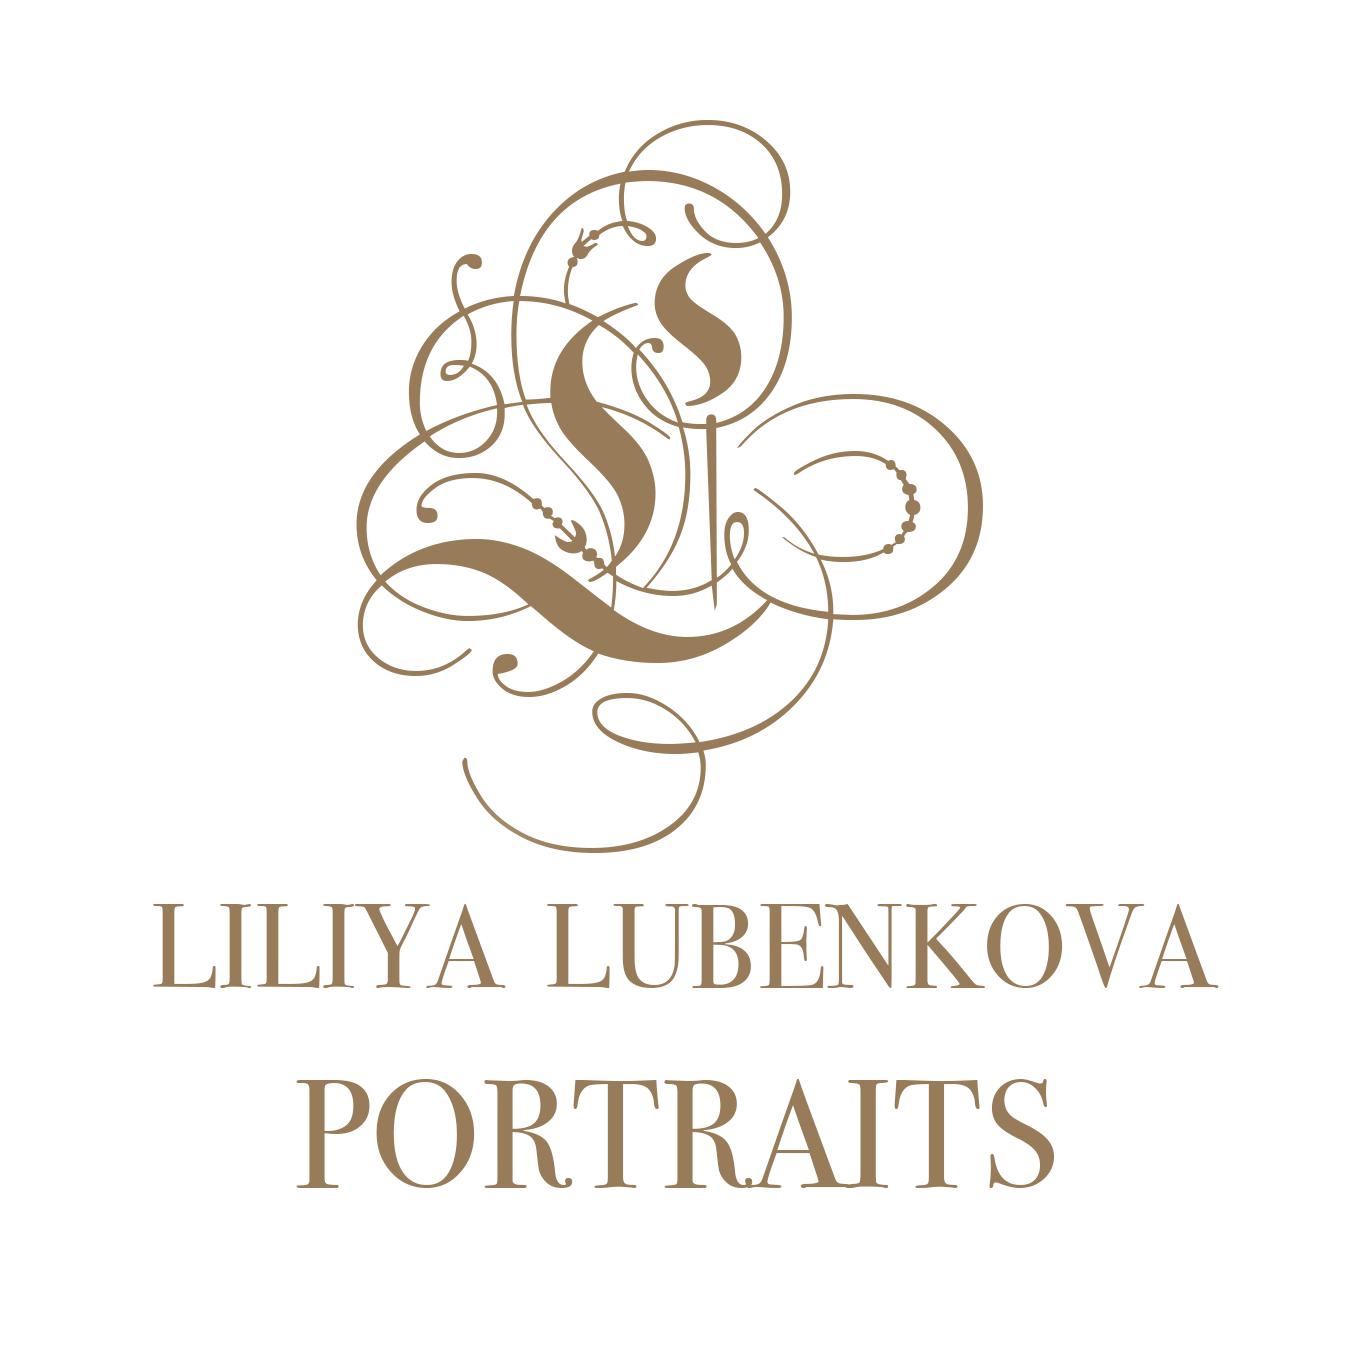 Liliya Lubenkova Portraits logo